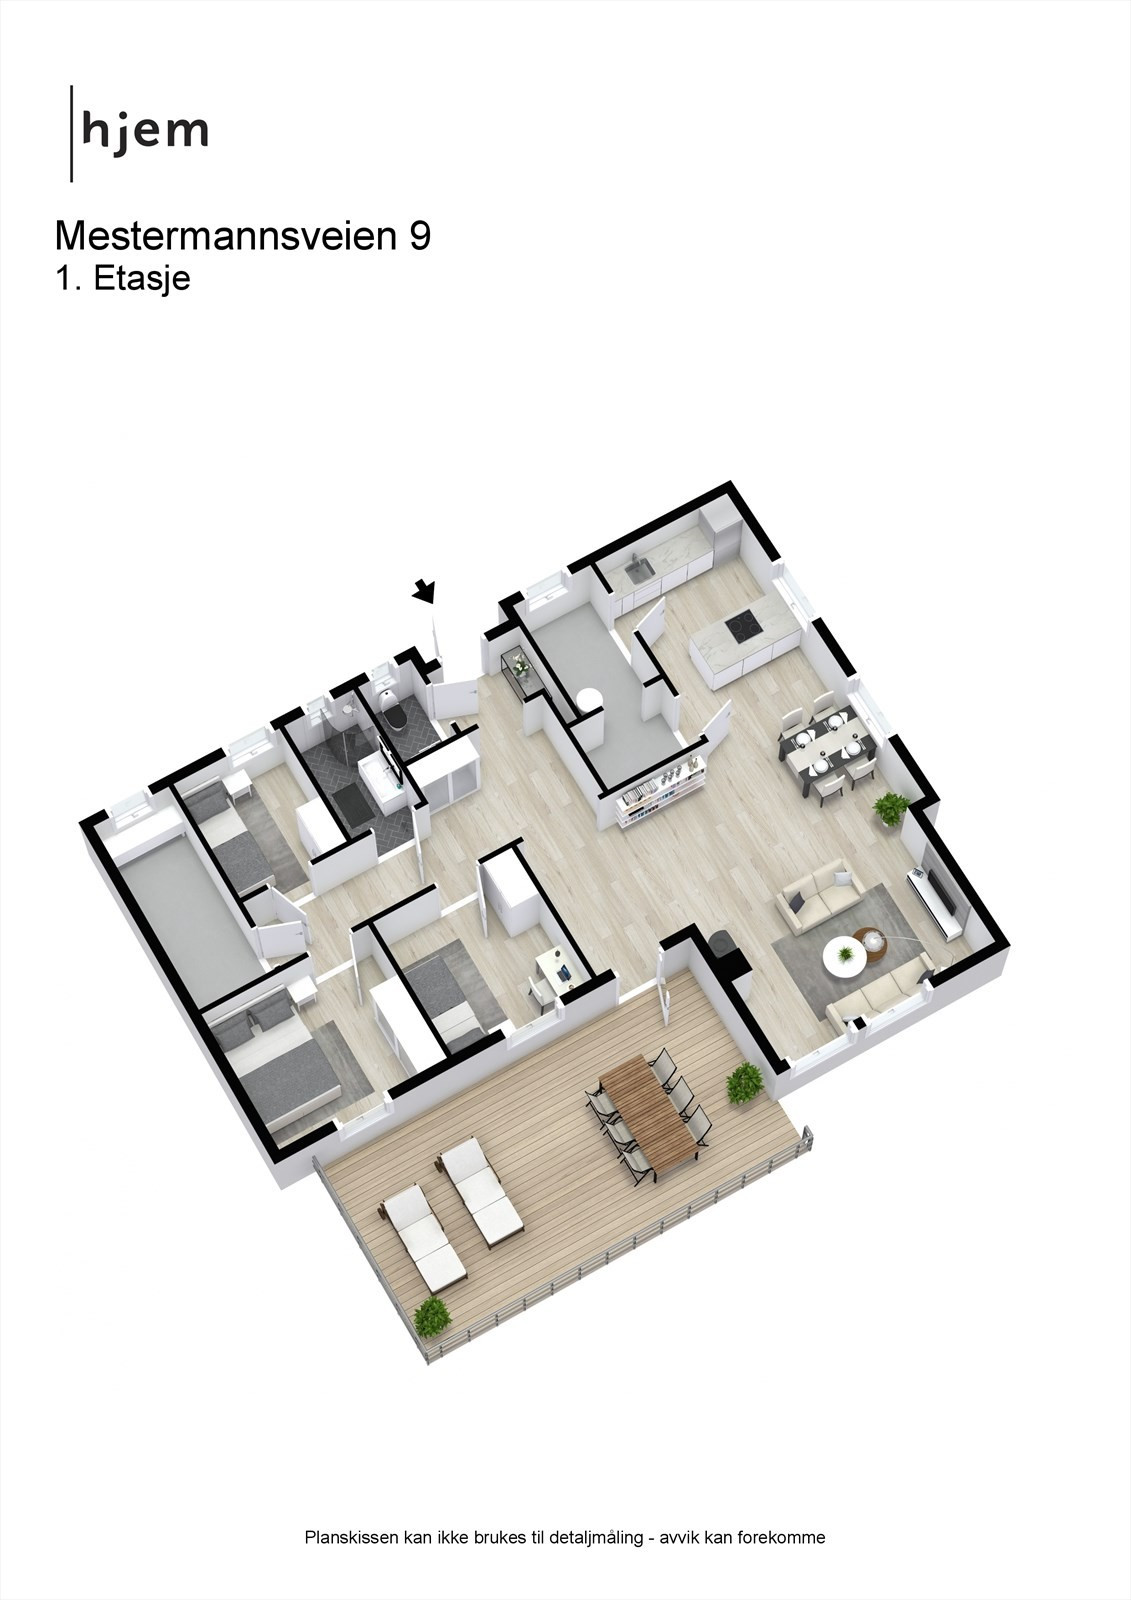 Mestermannsveien 9 - 3D - 1. Etasje